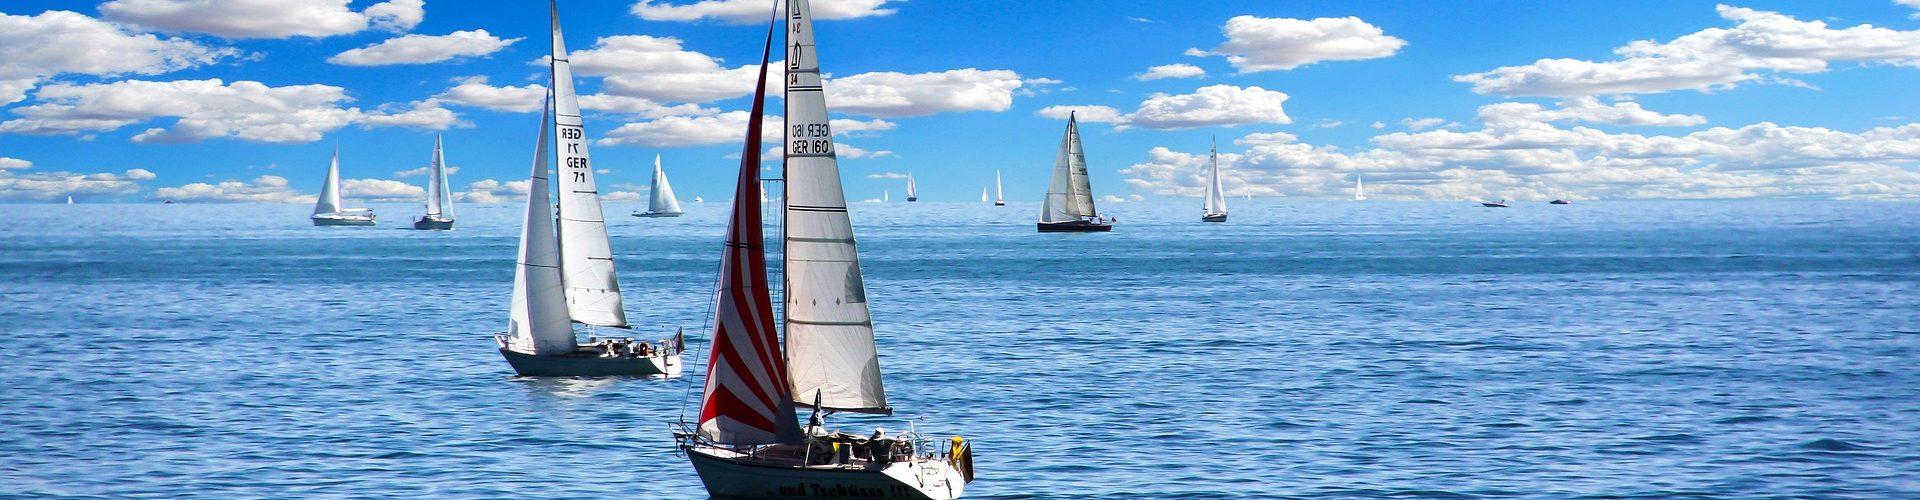 segeln lernen in Seeburg segelschein machen in Seeburg 1920x500 - Segeln lernen in Seeburg